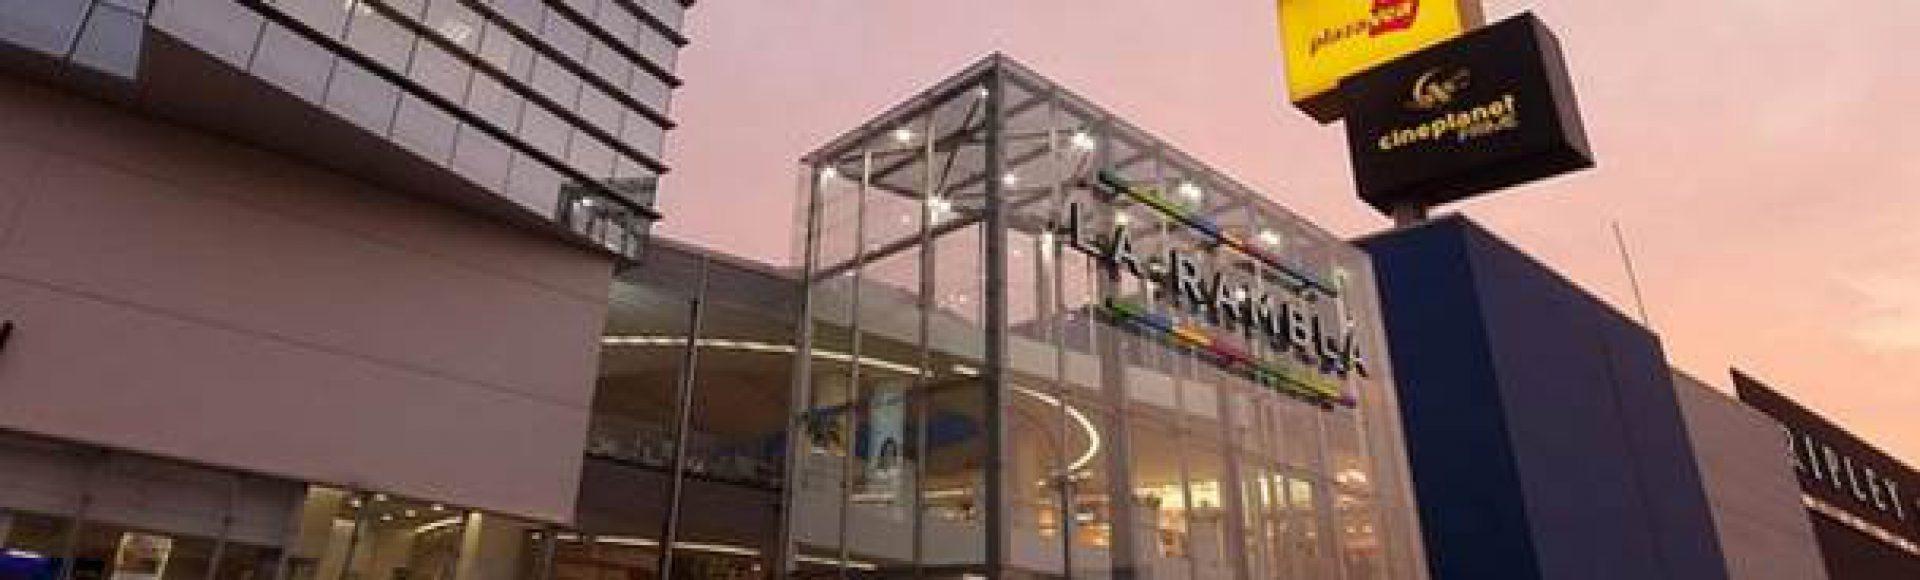 Centro_comercial_LA_RAMBLA